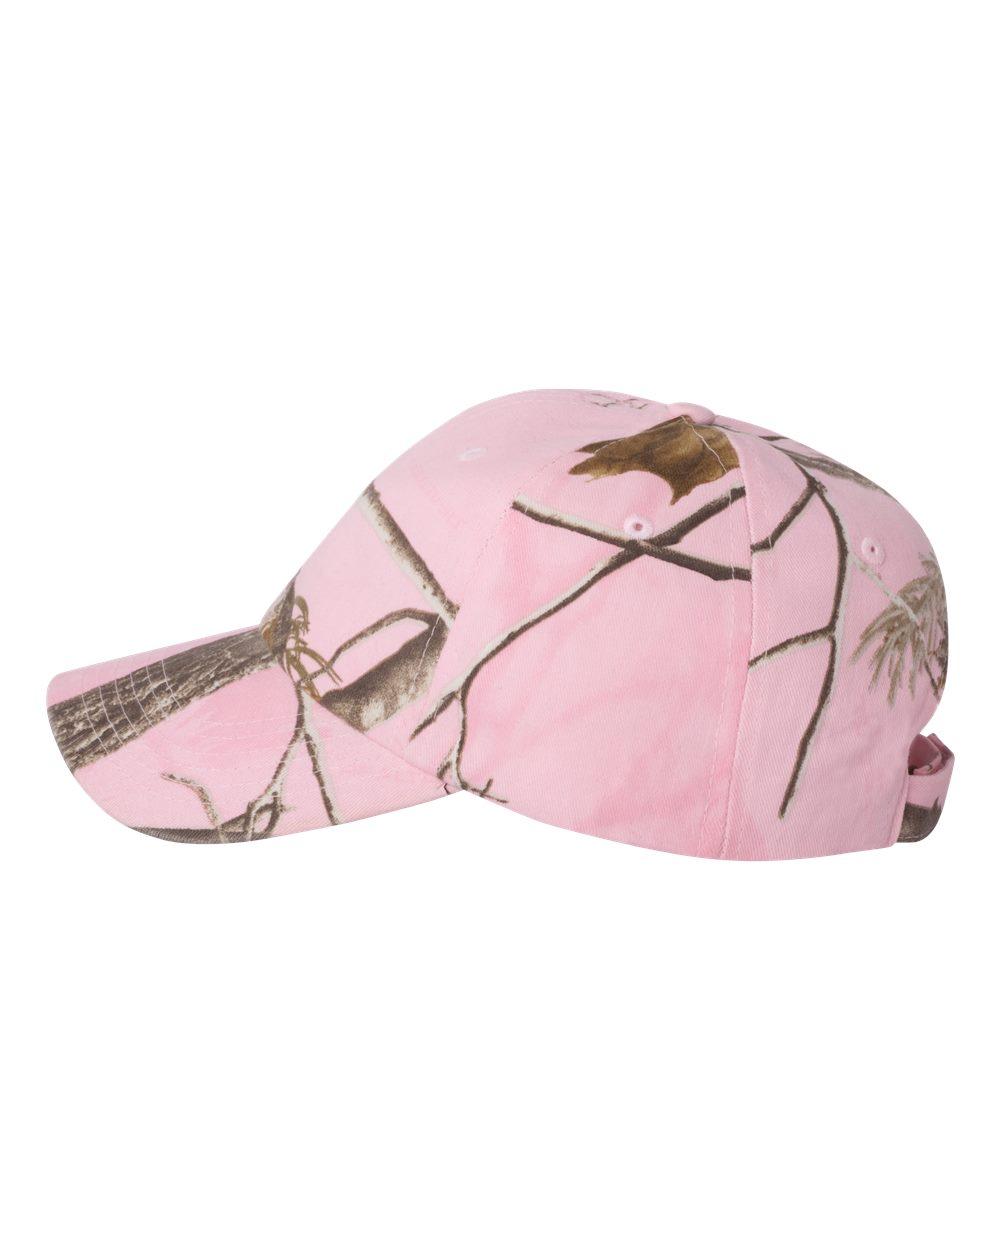 click to view Realtree AP Pink